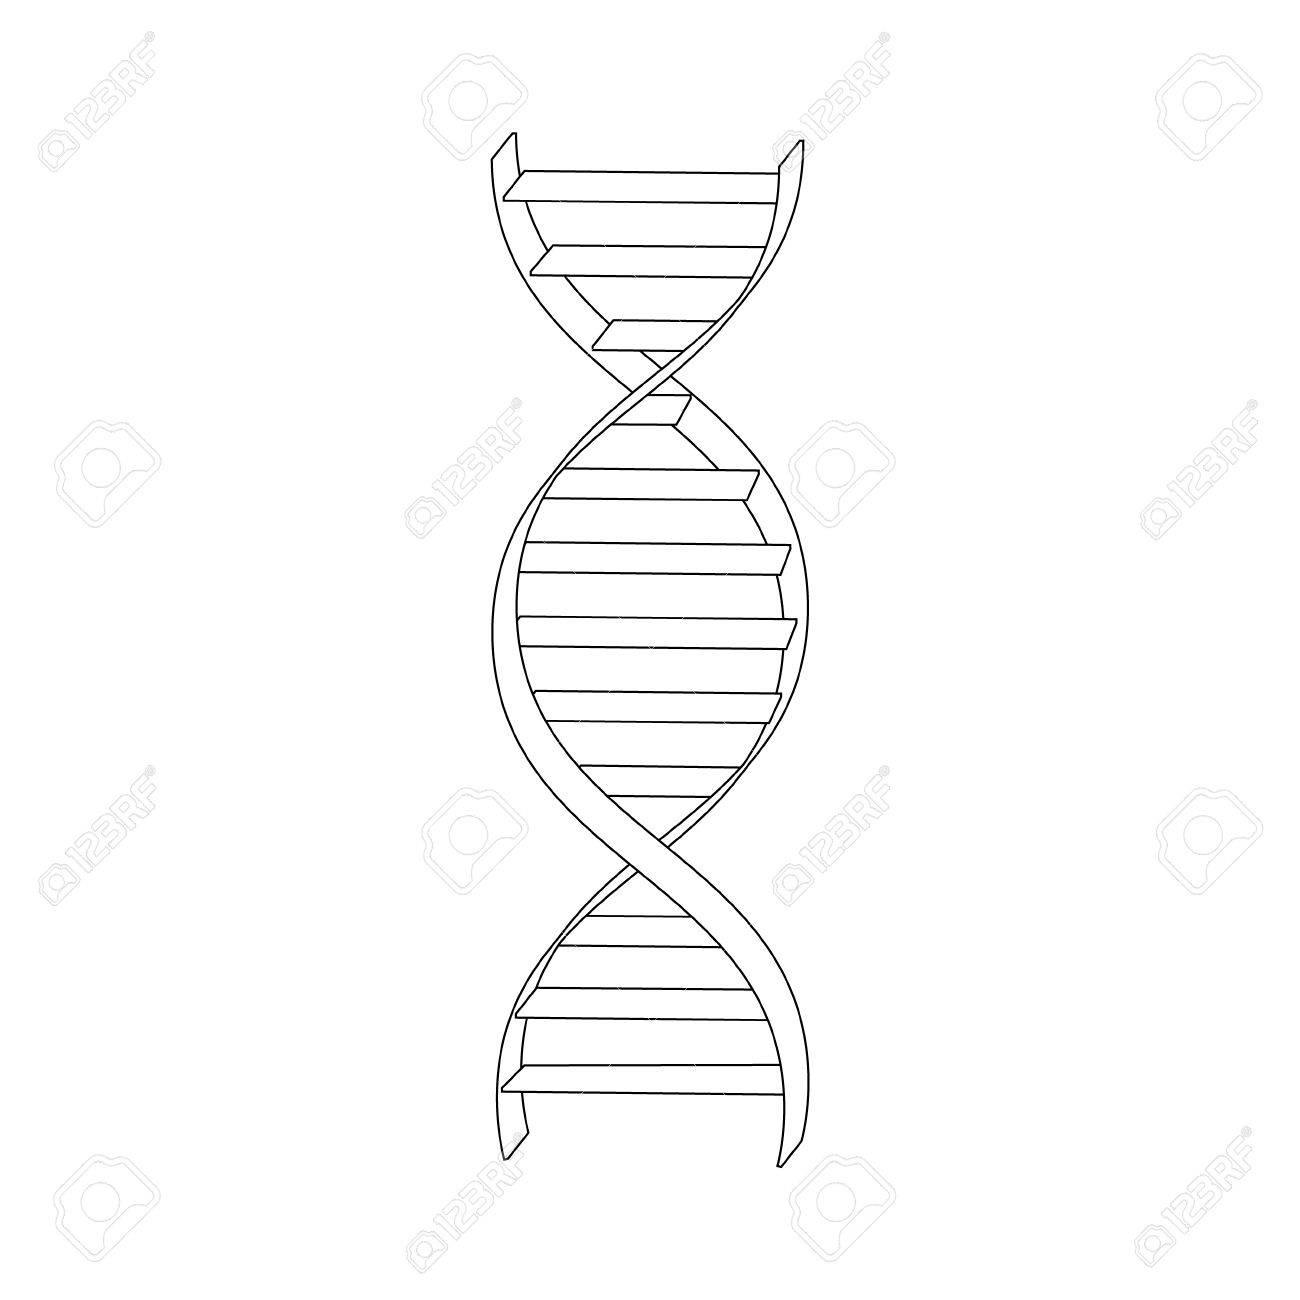 Vector La Ilustración Del Dibujo De Esquema En Espiral Del Adn Icono De Los Símbolos De Adn Signo Genética Elemento